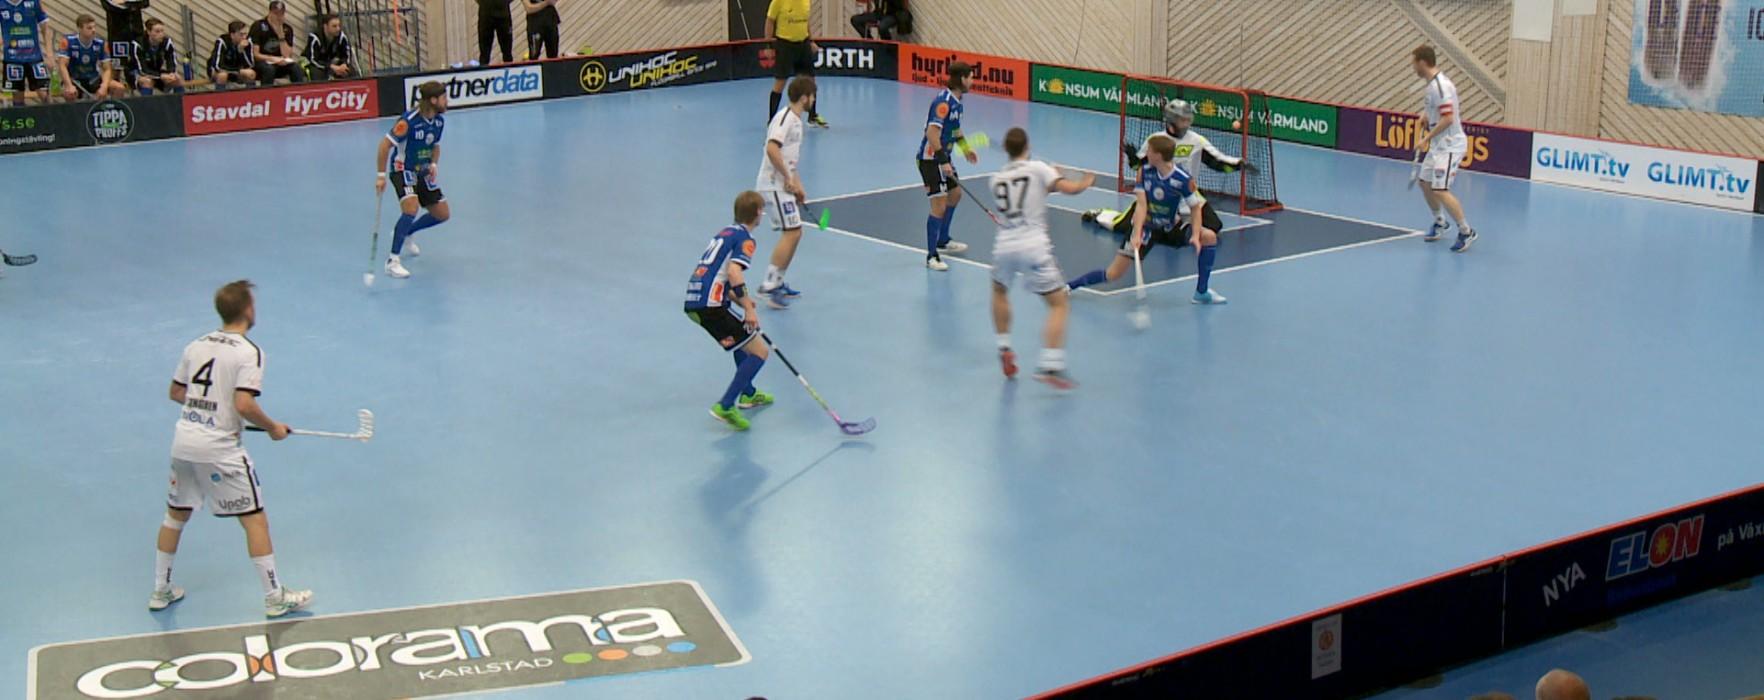 Glimt Sport, SSL Sammandrag Karlstad IBF – IBK Dalen